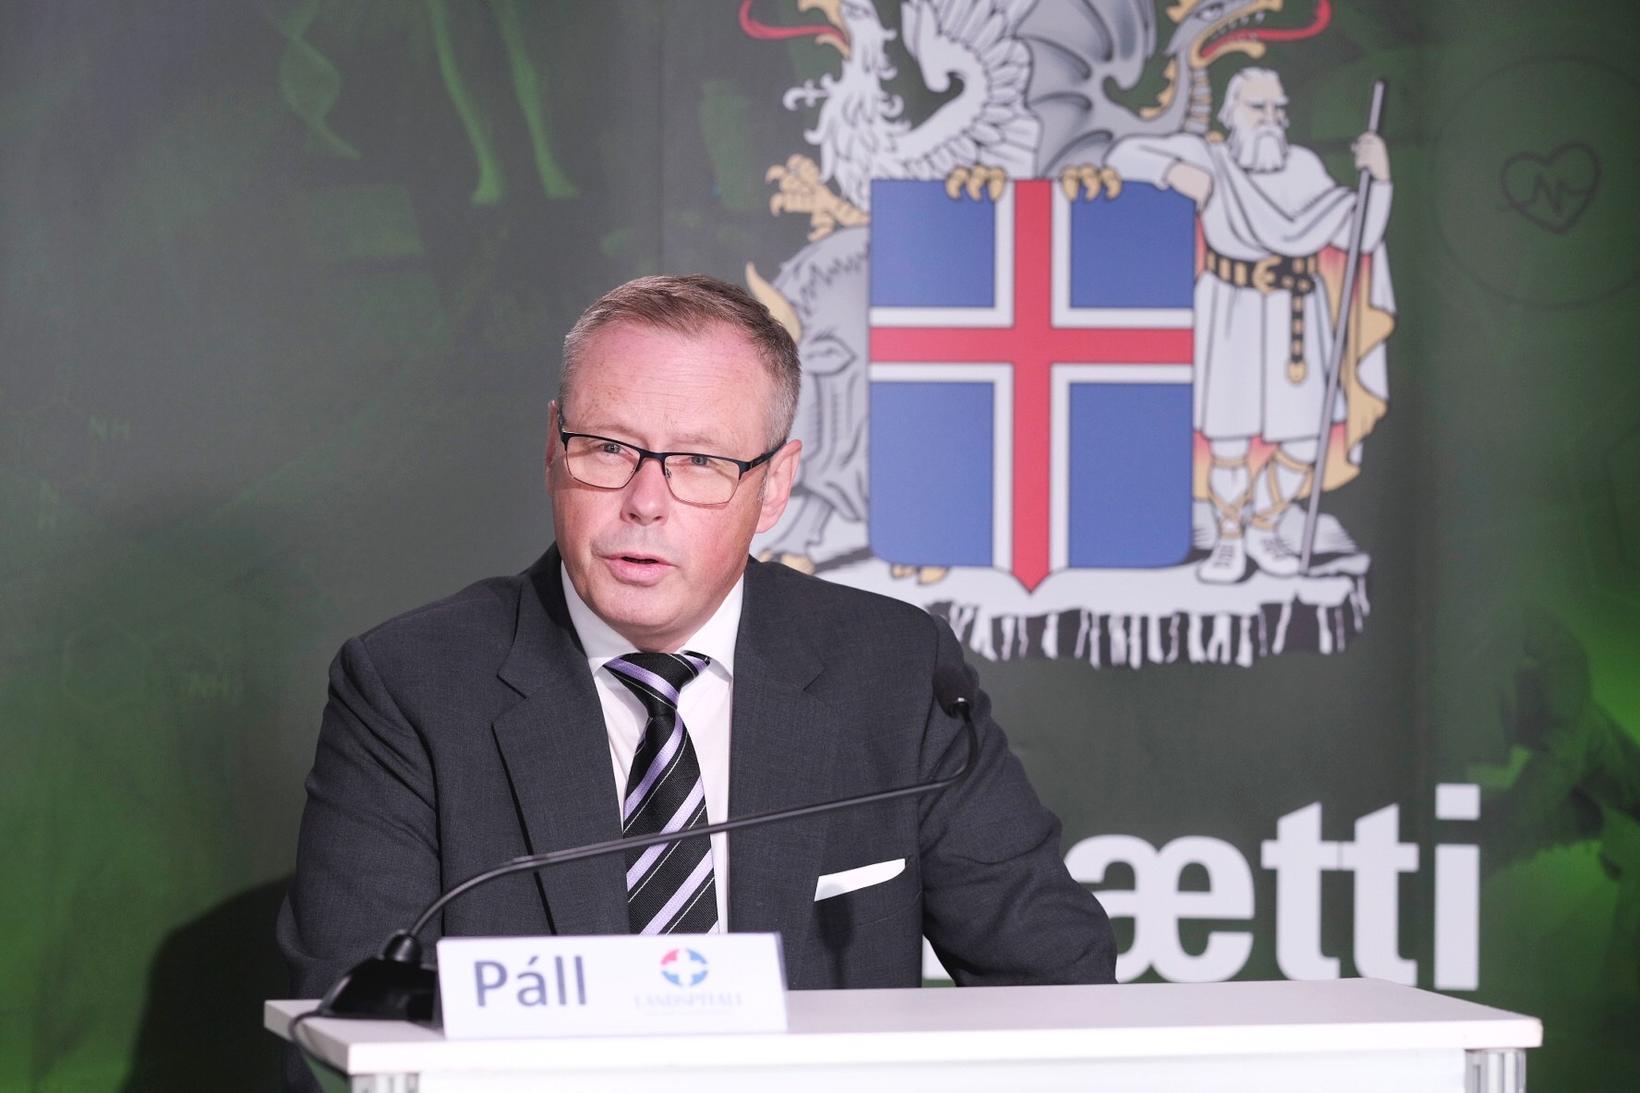 Páll Matthíasson, forstjóri Landspítalans.